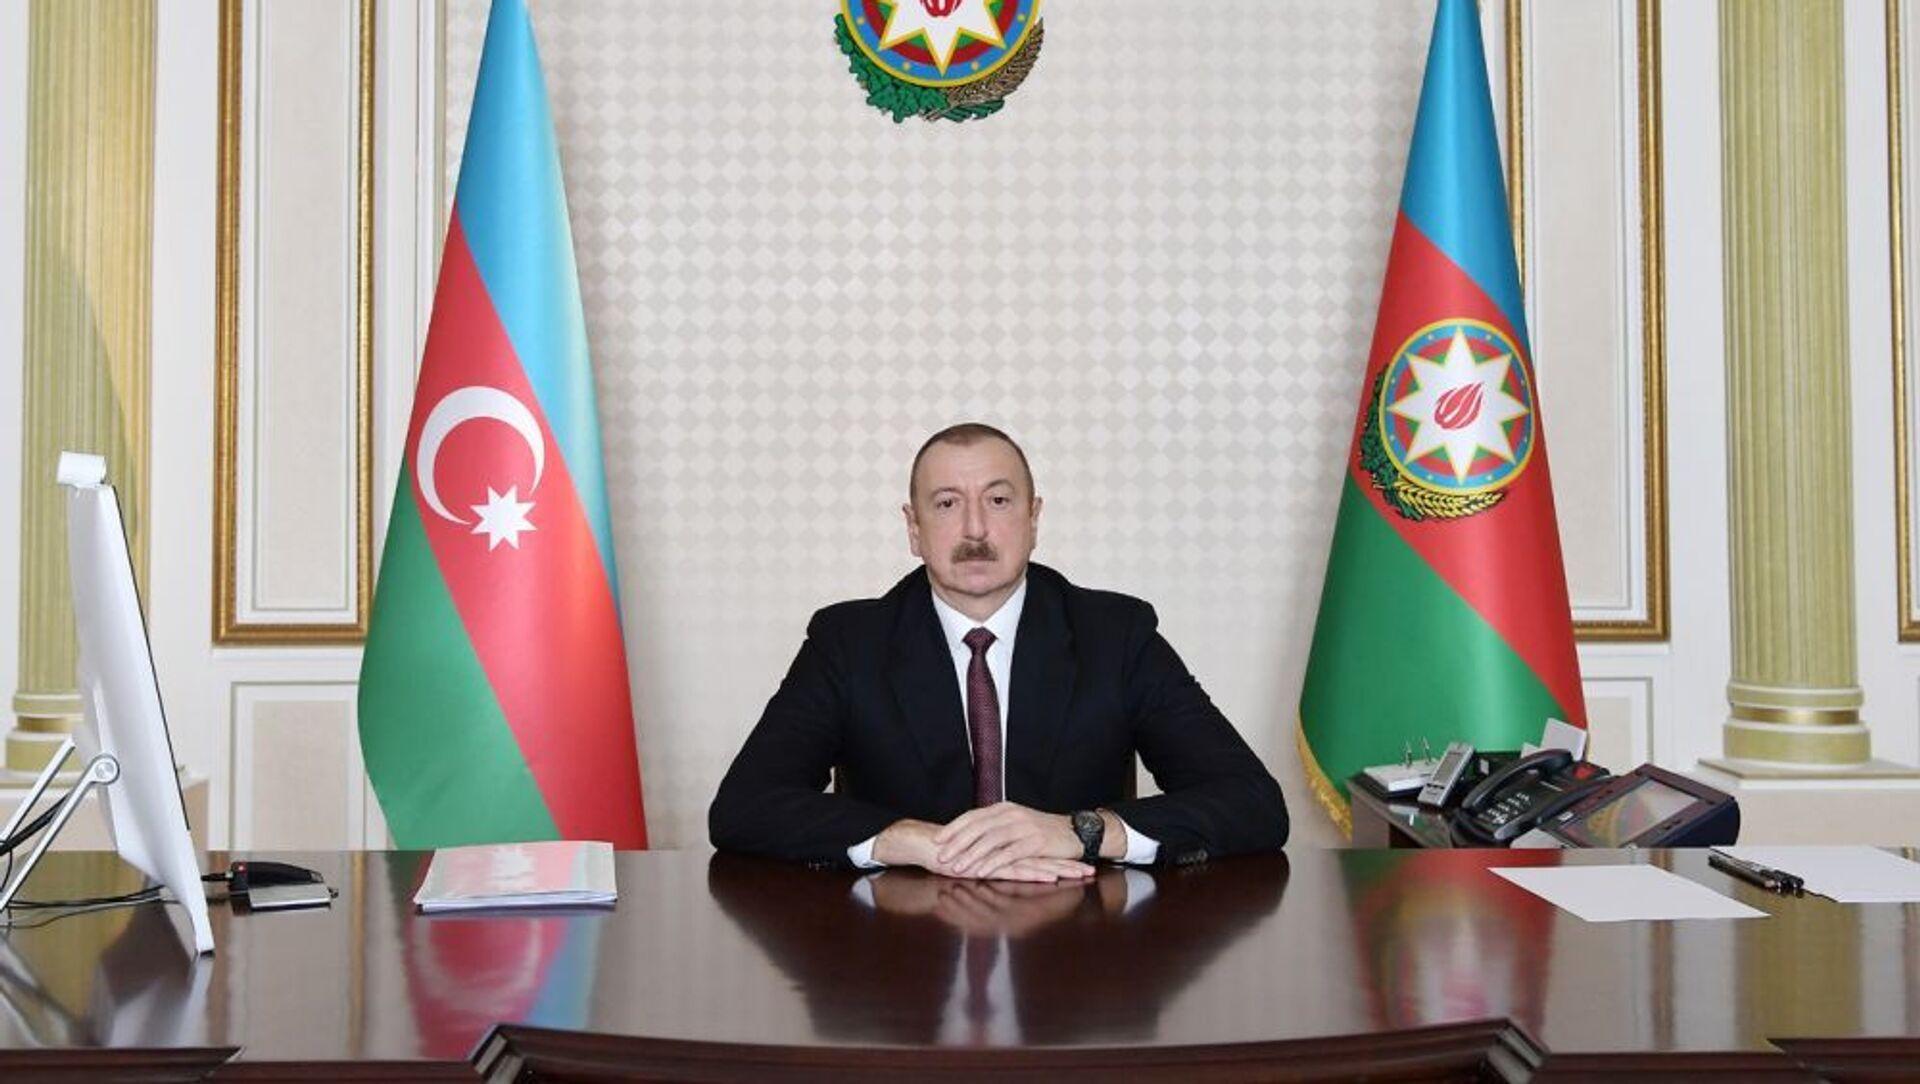 Ильхам Алиева во время видеоконференции, фото из архива - Sputnik Azərbaycan, 1920, 27.09.2021